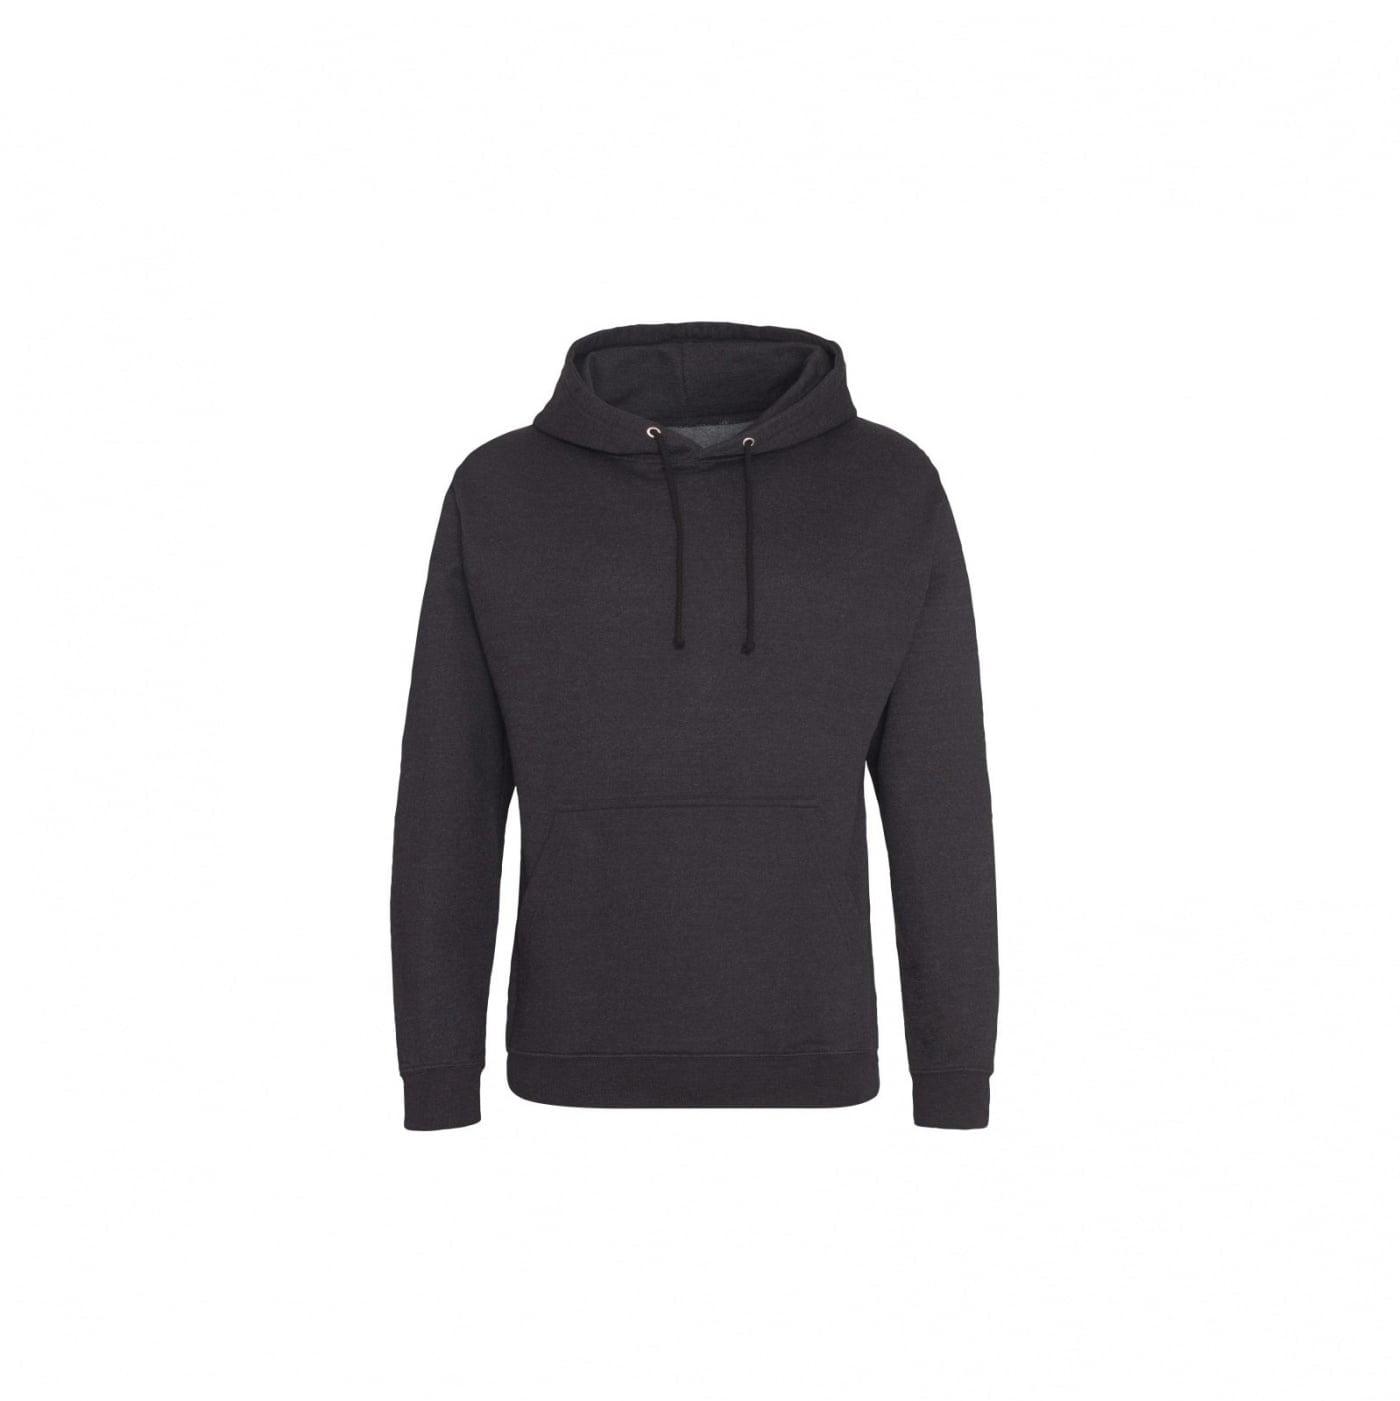 Bluzy - Bluza z kapturem College - Just Hoods JH001 - Black Smoke - RAVEN - koszulki reklamowe z nadrukiem, odzież reklamowa i gastronomiczna